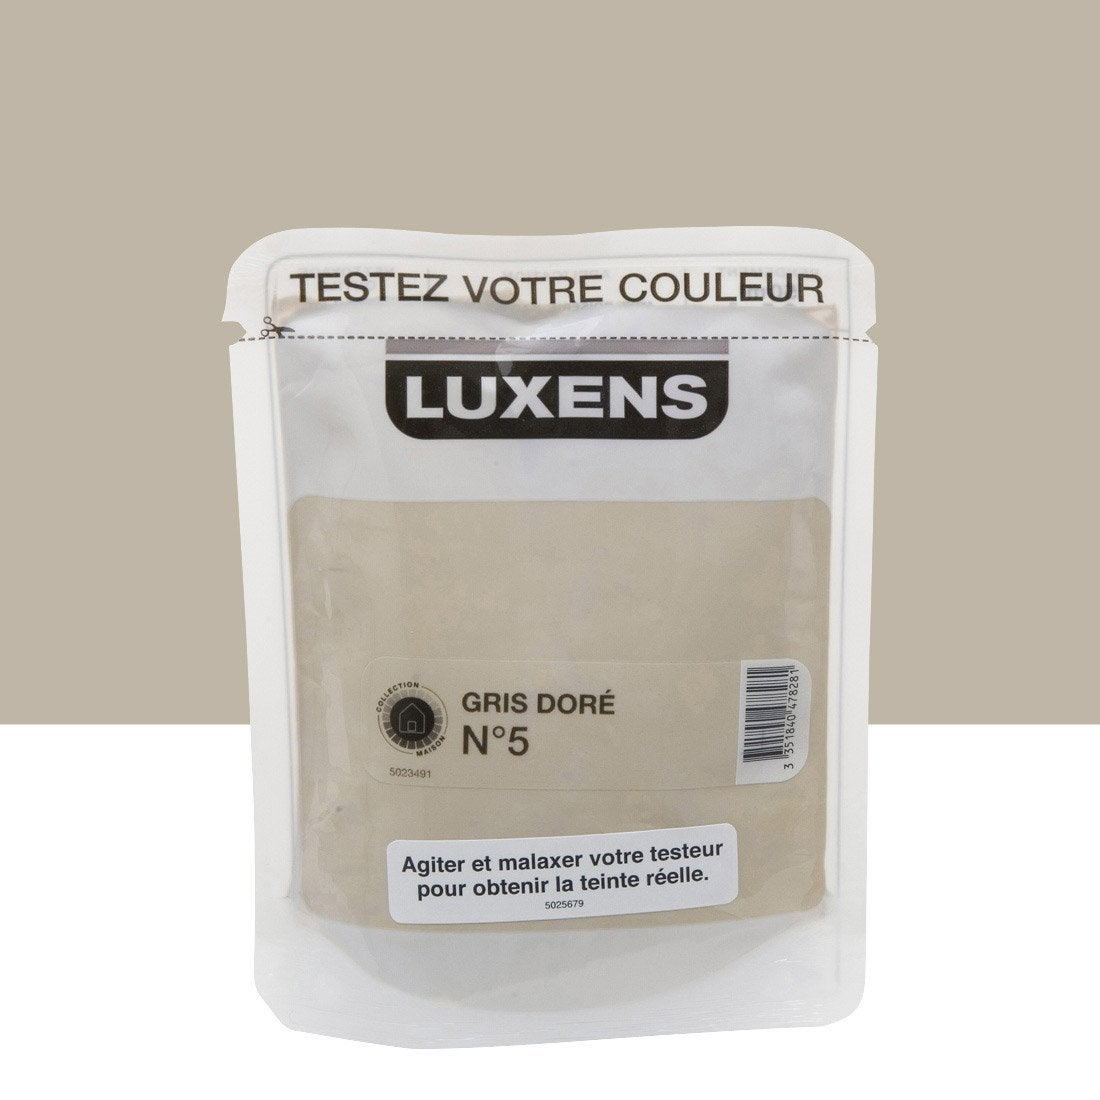 Testeur peinture gris dor 5 luxens couleurs int rieures - Peinture grise leroy merlin ...